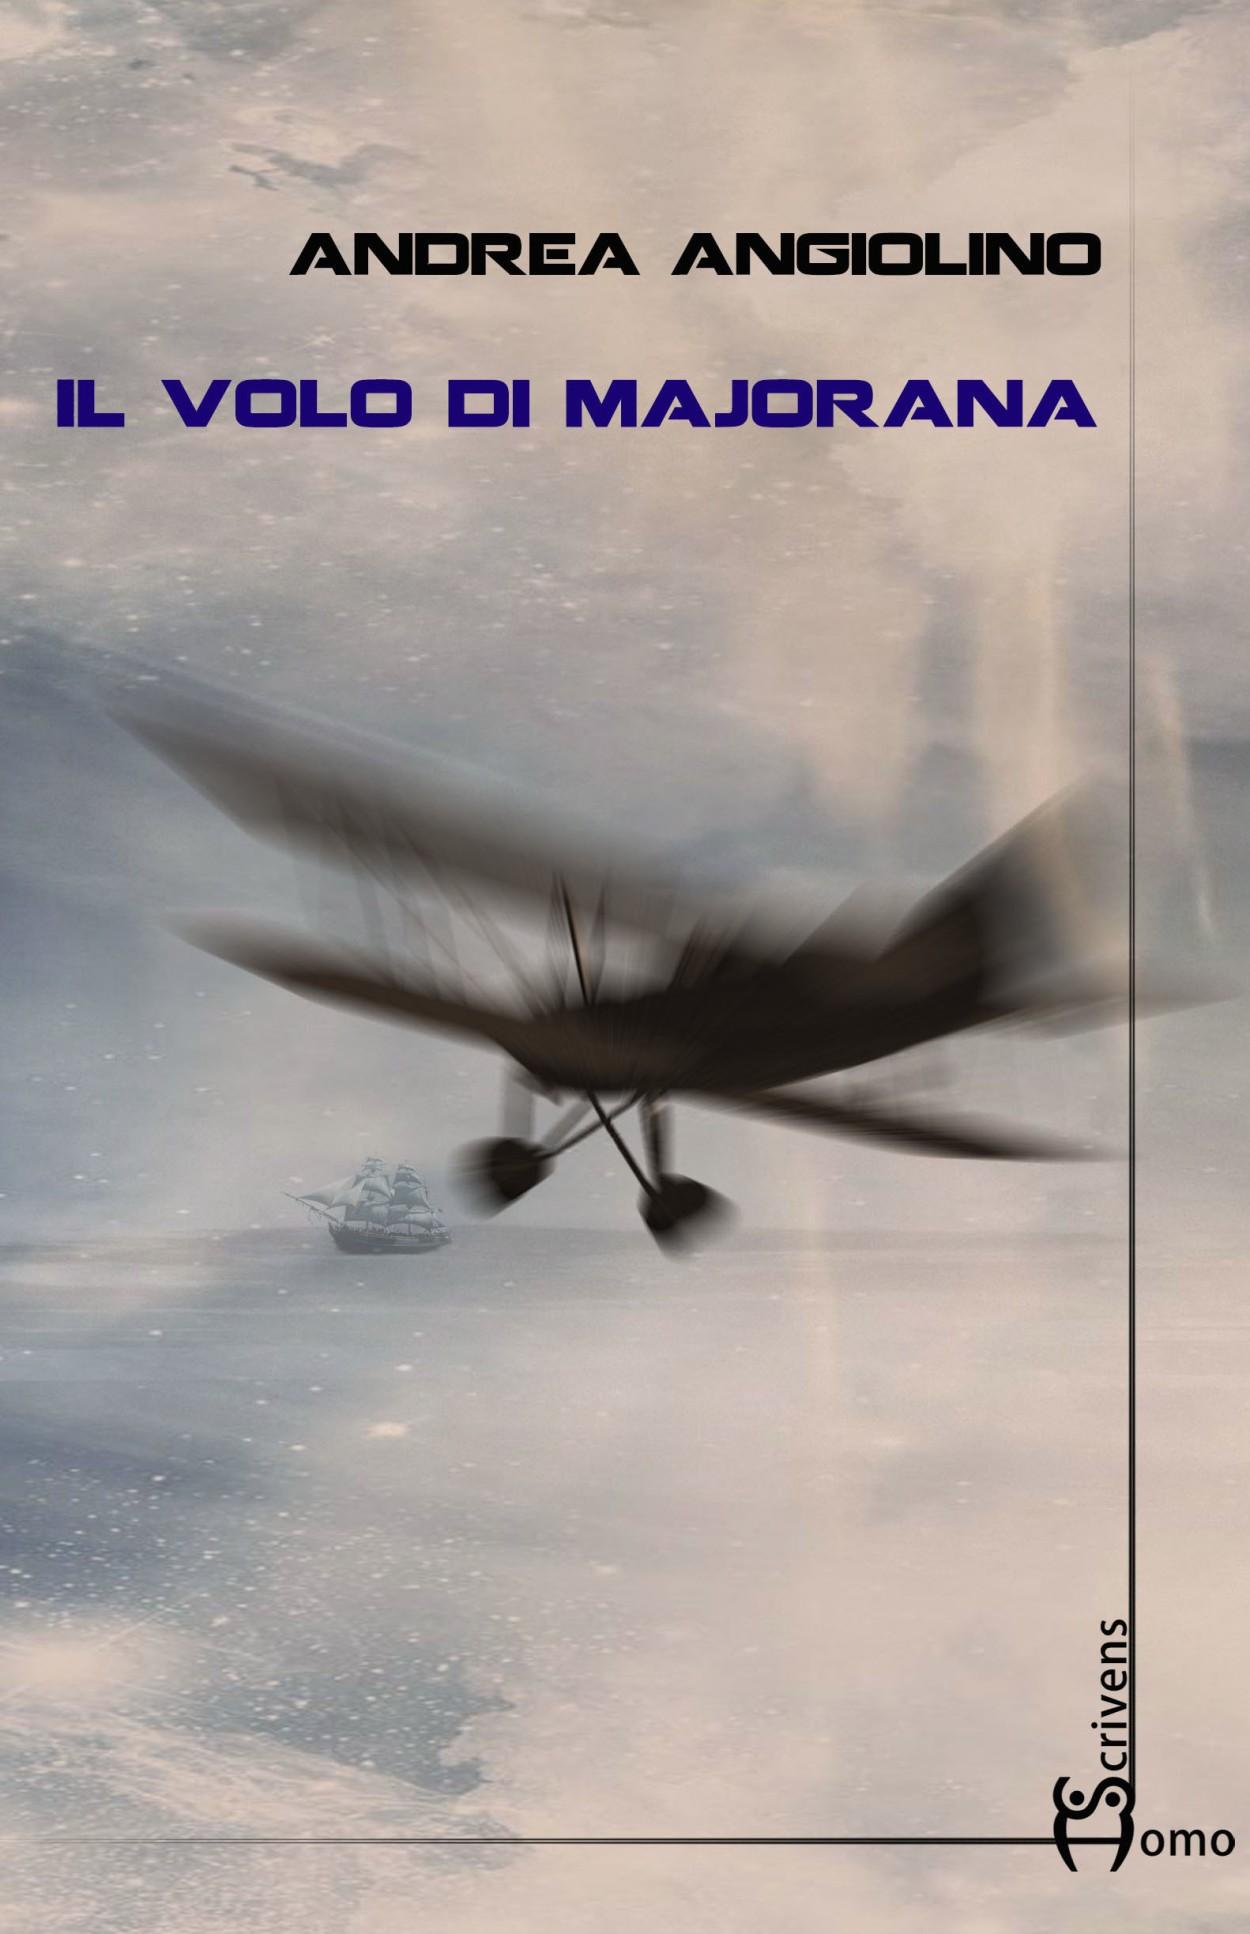 angiolino-majorana